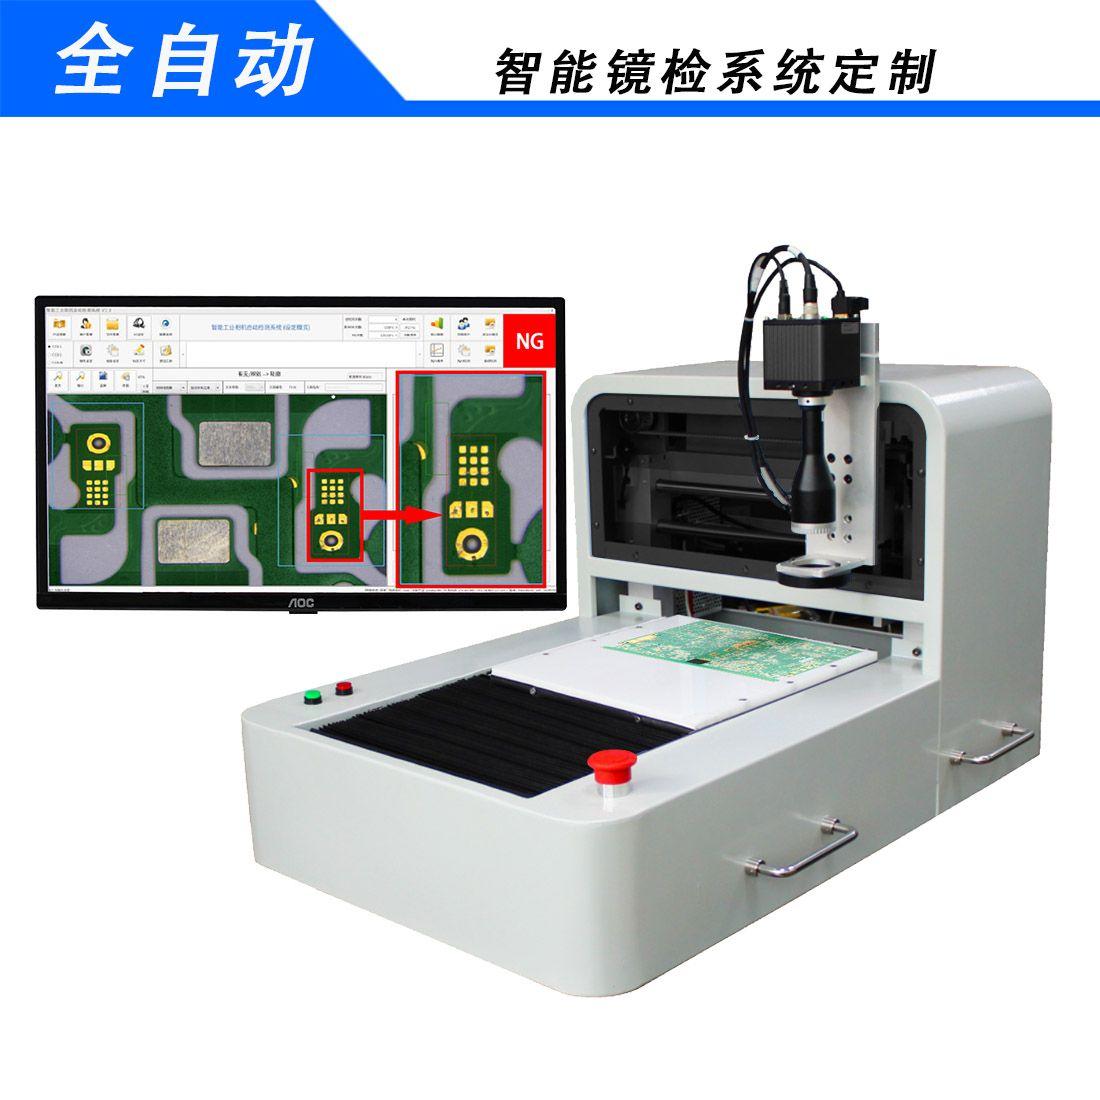 全自动 / 手动 镜检平台定制